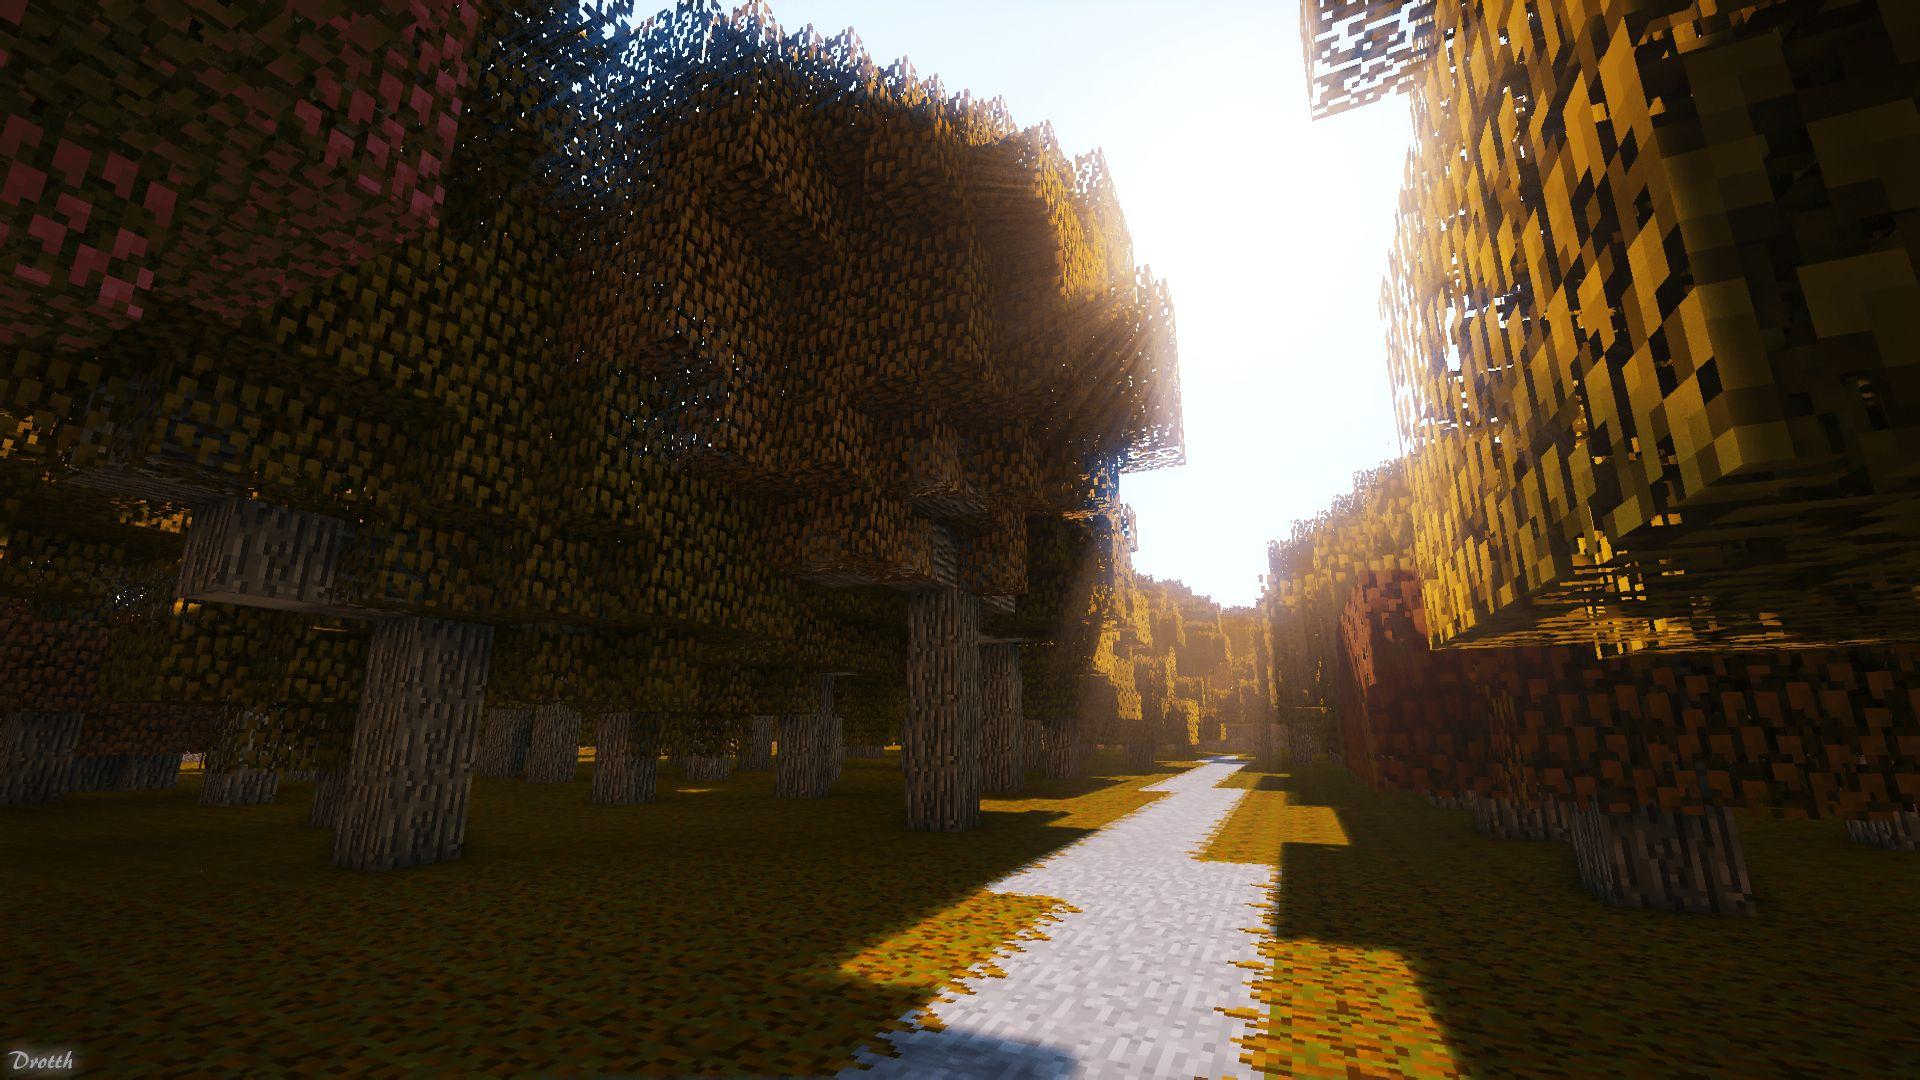 Wonderful Wallpaper Minecraft Autumn - 7159c31bb07f16841971db810f9fbd2c  Pic_29049.jpg